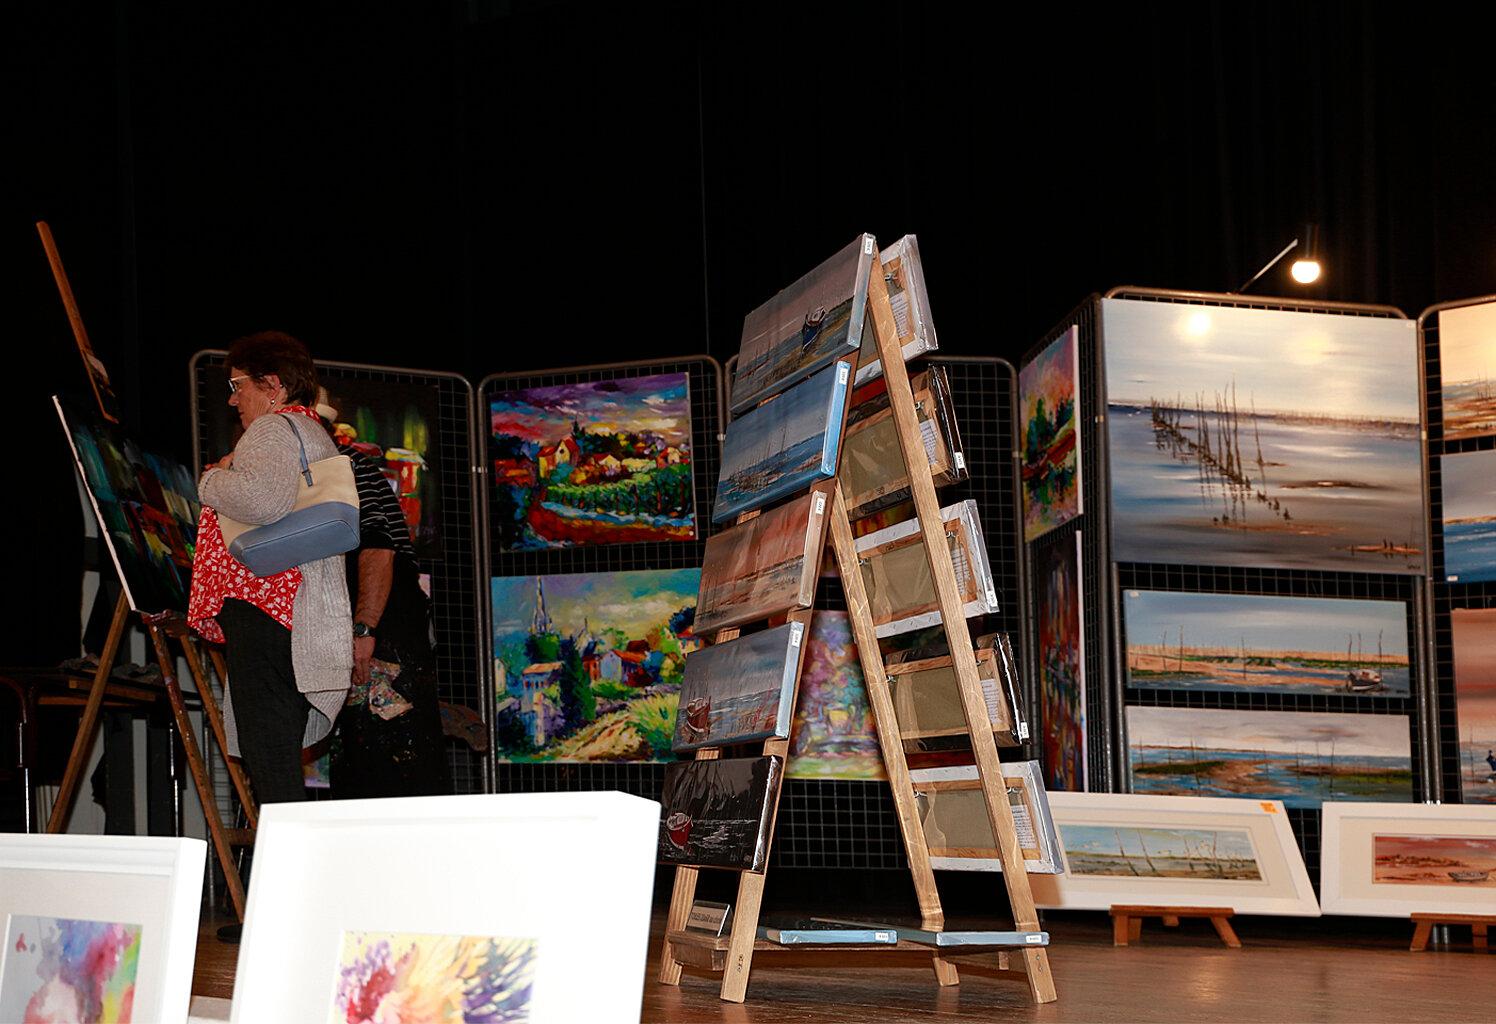 Salon des arts 25-26 janvier 2020 - GG1 (17)